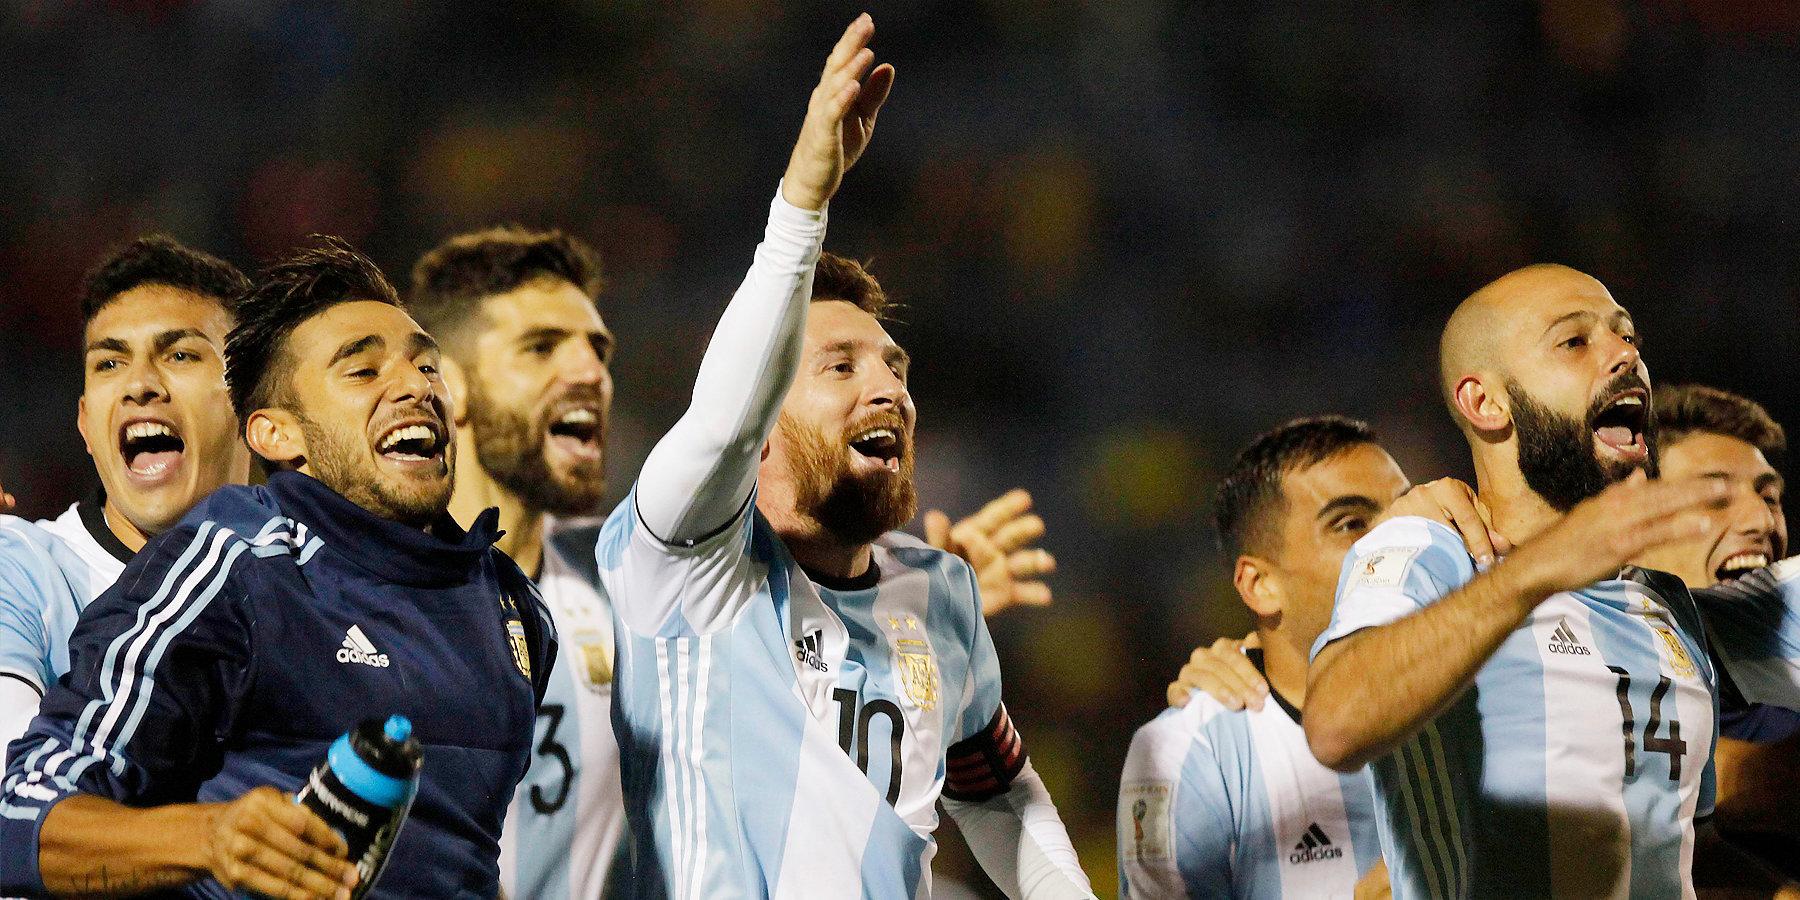 Сборная РФ сыграет саргентинцами ииспанцами